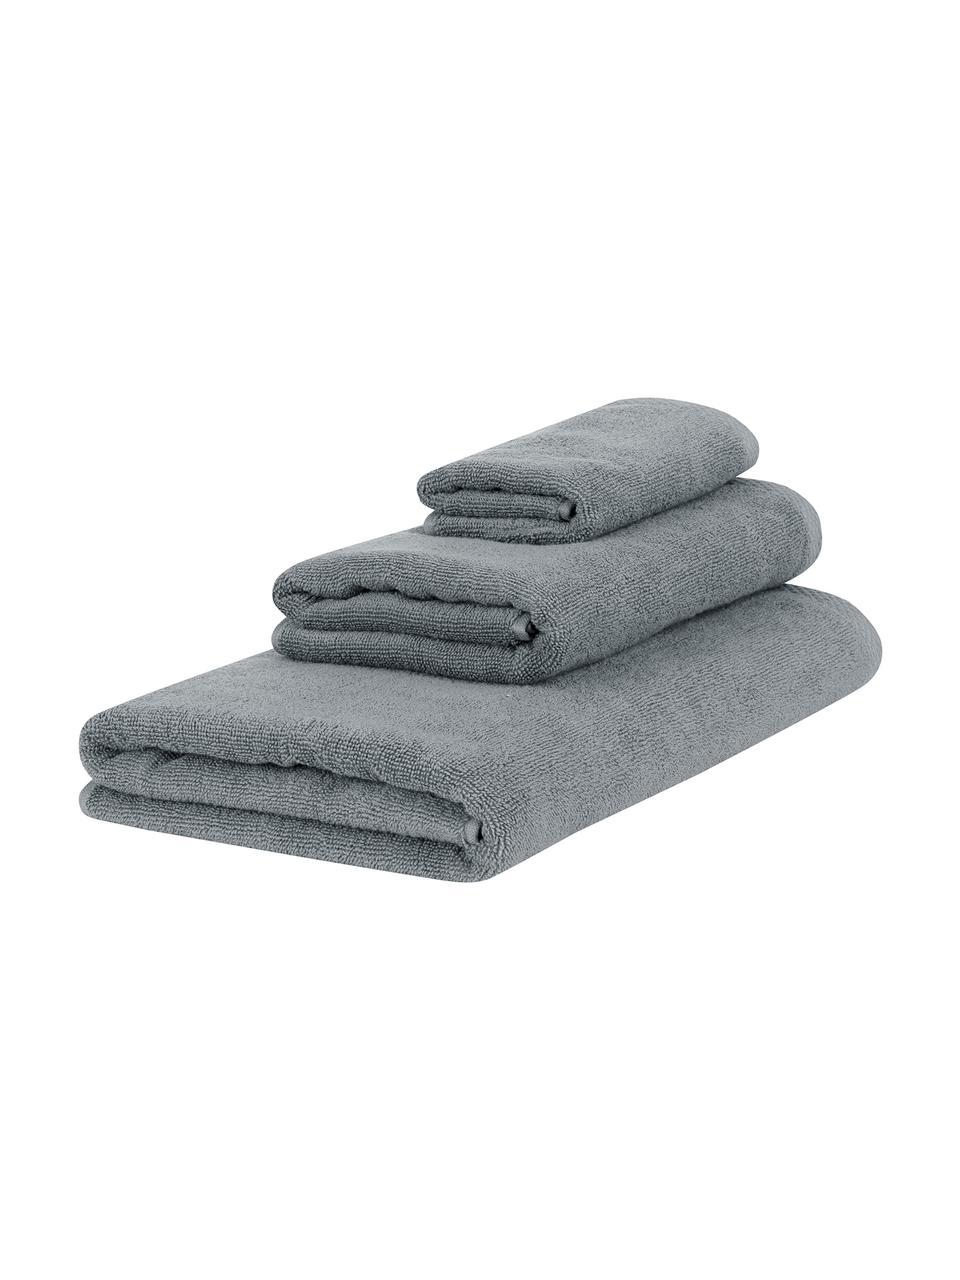 Set 3 asciugamani in tinta unità Comfort, Grigio scuro, Set in varie misure